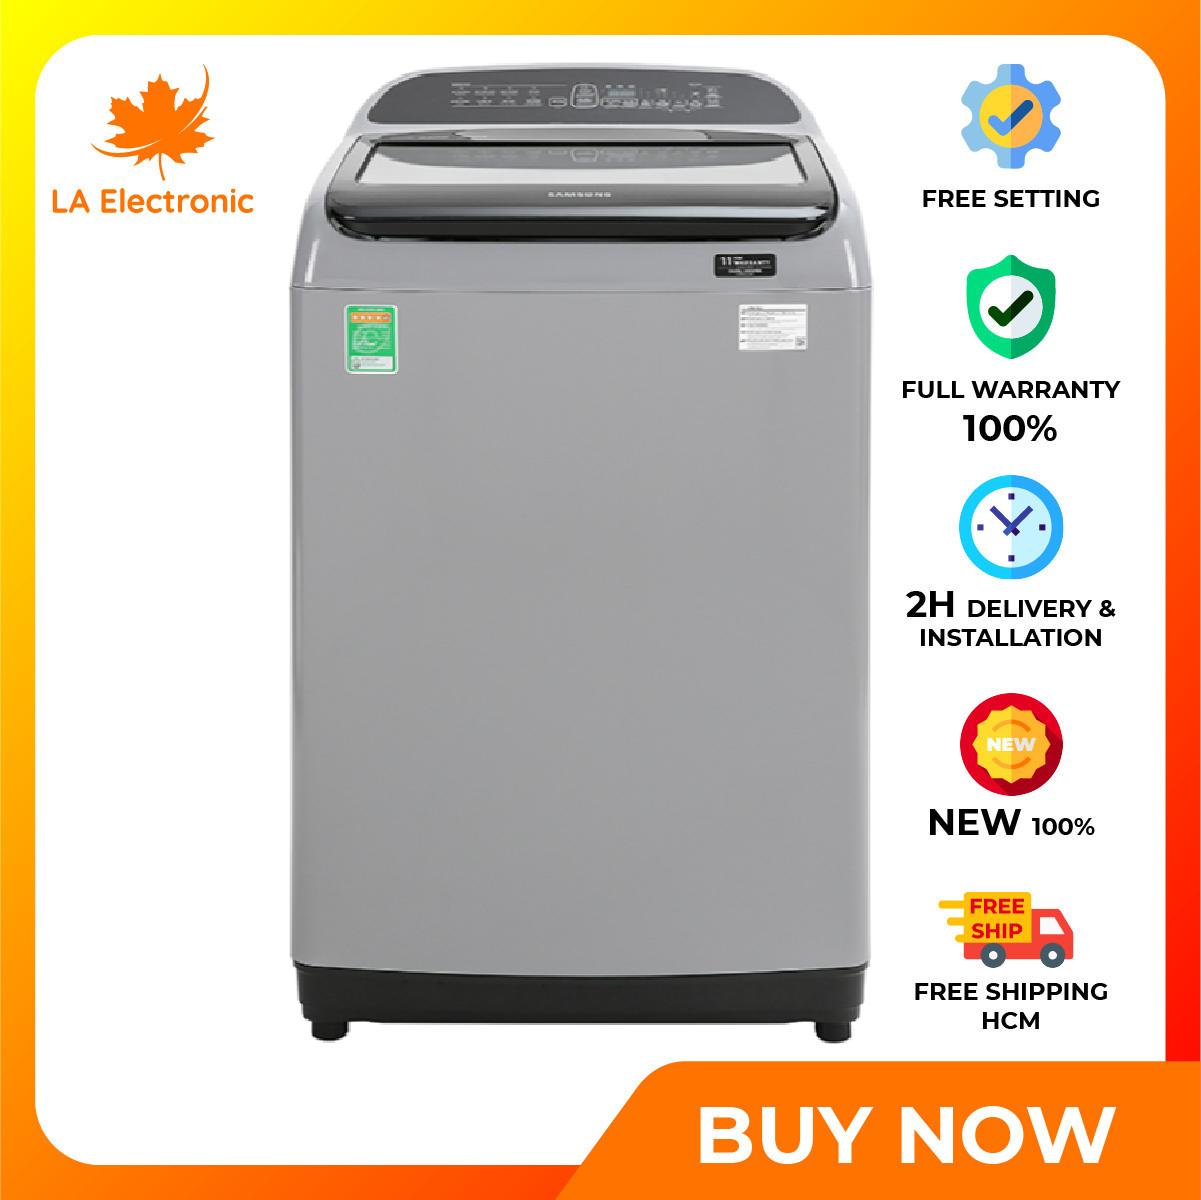 [GIAO HÀNG 2 – 15 NGÀY TRỄ NHẤT 15.09] Trả Góp 0% – Máy giặt – Samsung Inverter washing machine 8.5 kg WA85T5160BY/SV thiết kế thông minh công nghệ hiện đại hoạt động mạnh mẽ và bền bỉ có chế độ bảo hành và xuất xứ rõ ràng – Miễn phí vận chuyển HCM